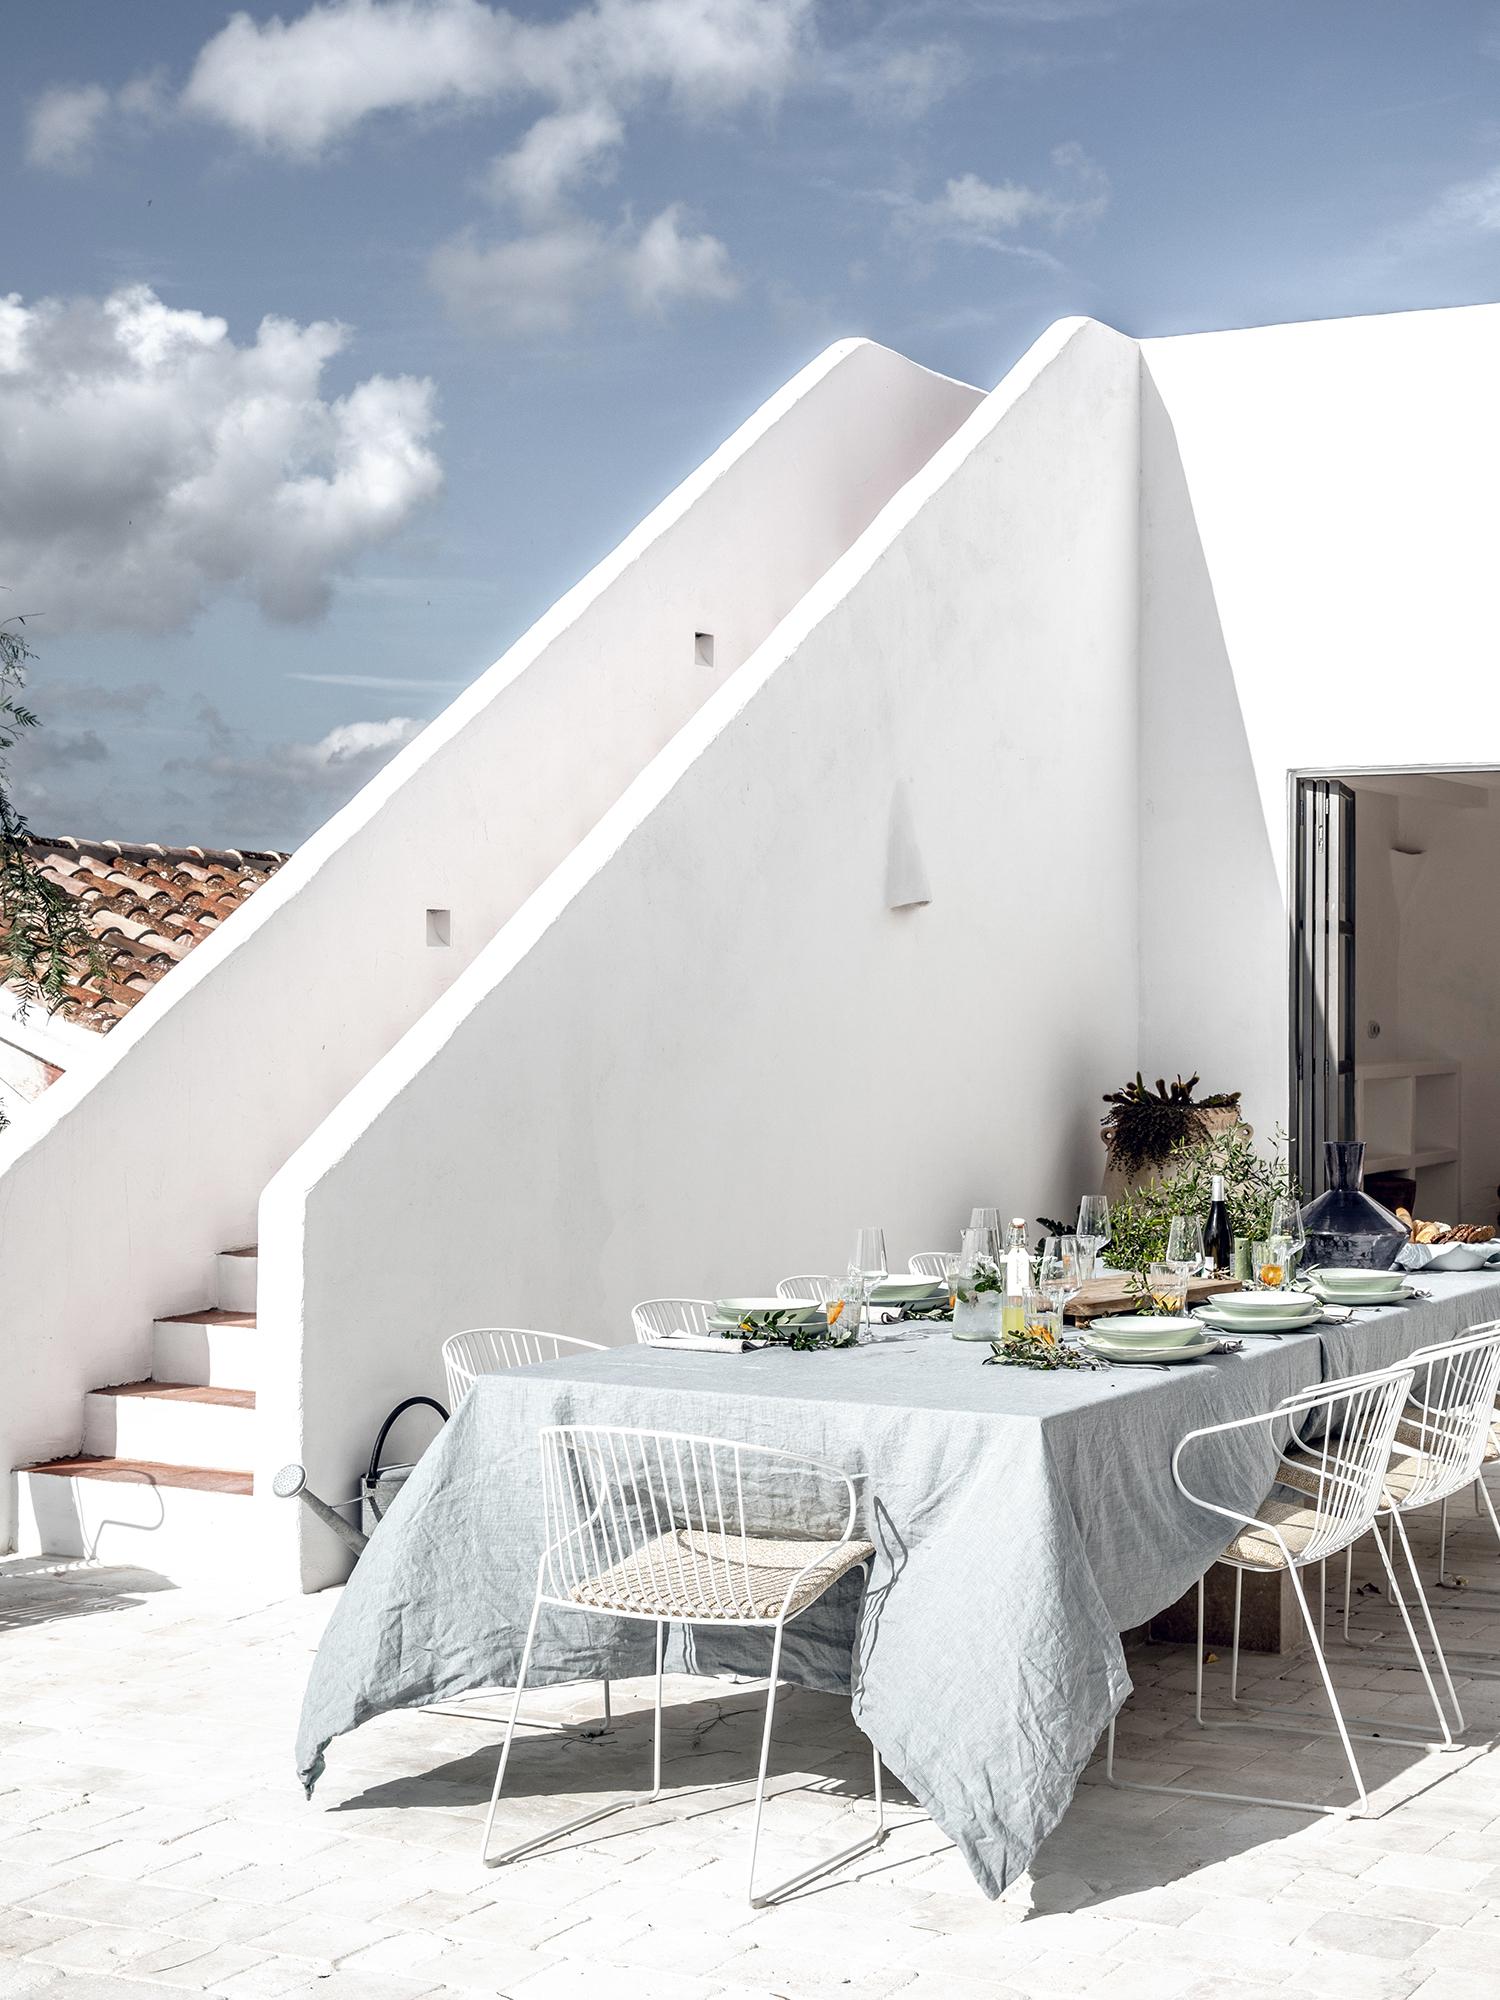 Outdoor Living 2 The Finca Es Bec D Aguila By Atelier Du Pont